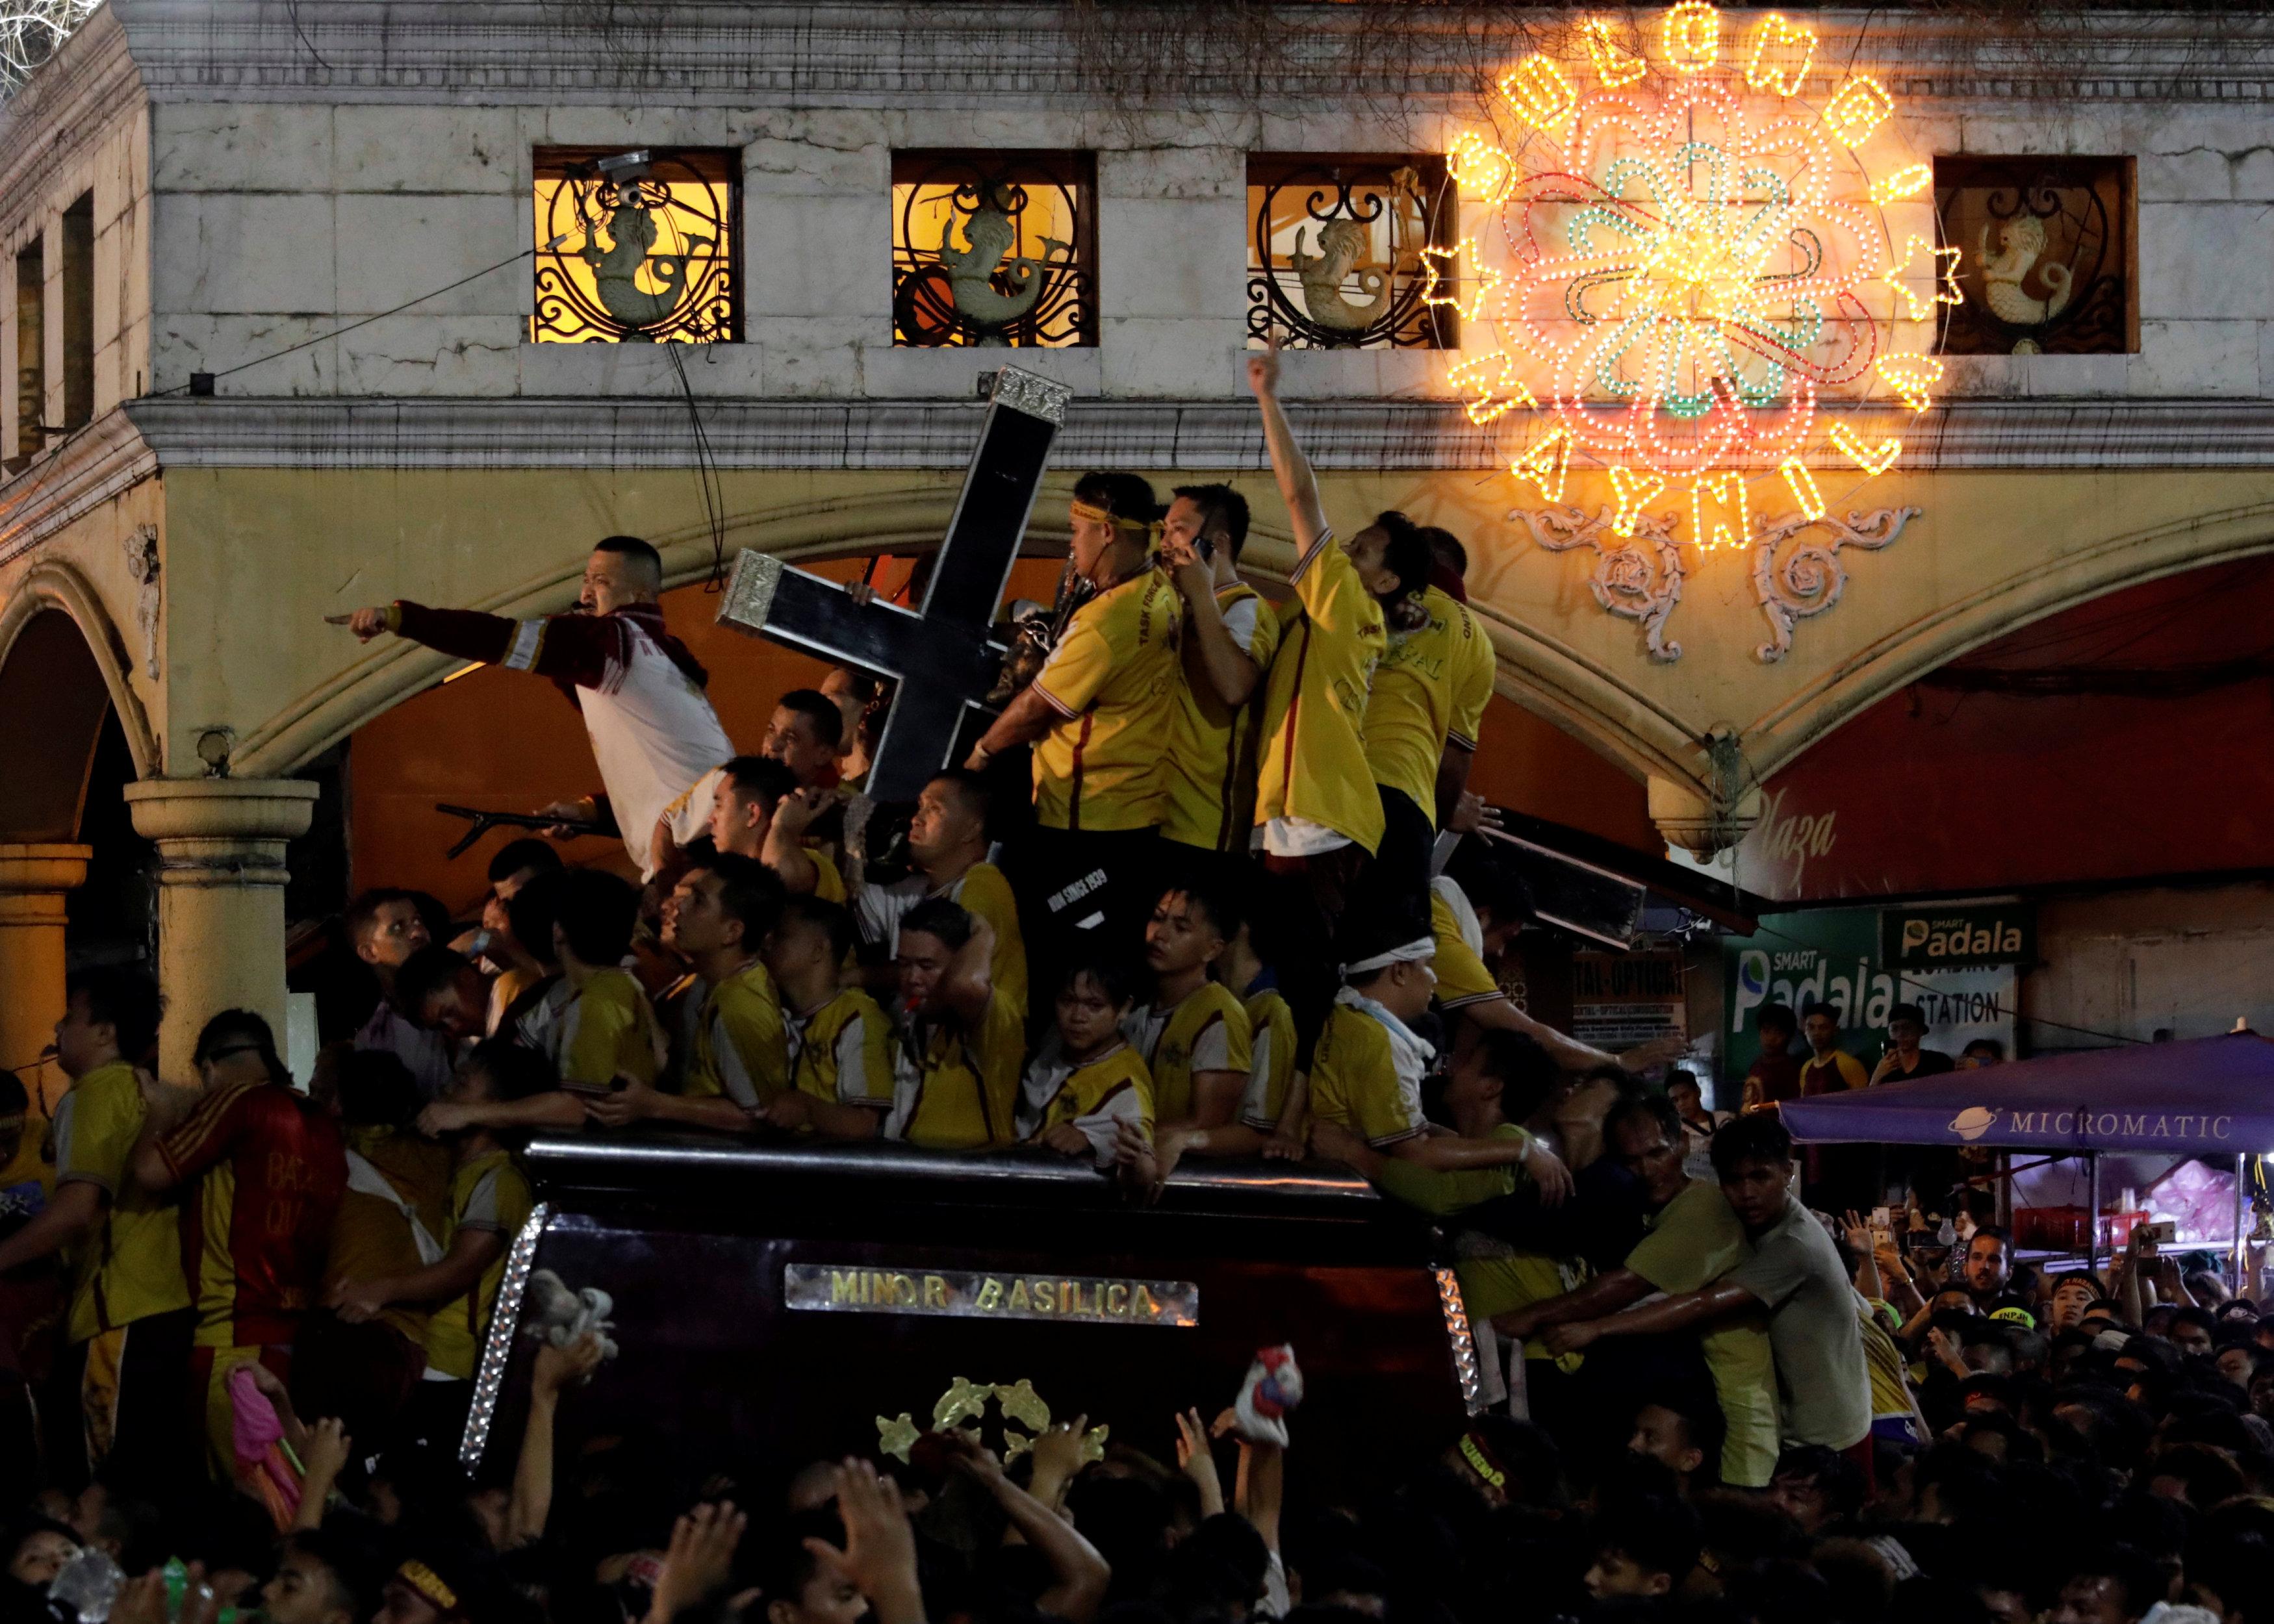 مسيرة الناصرى الأسود بمانيلا (18)